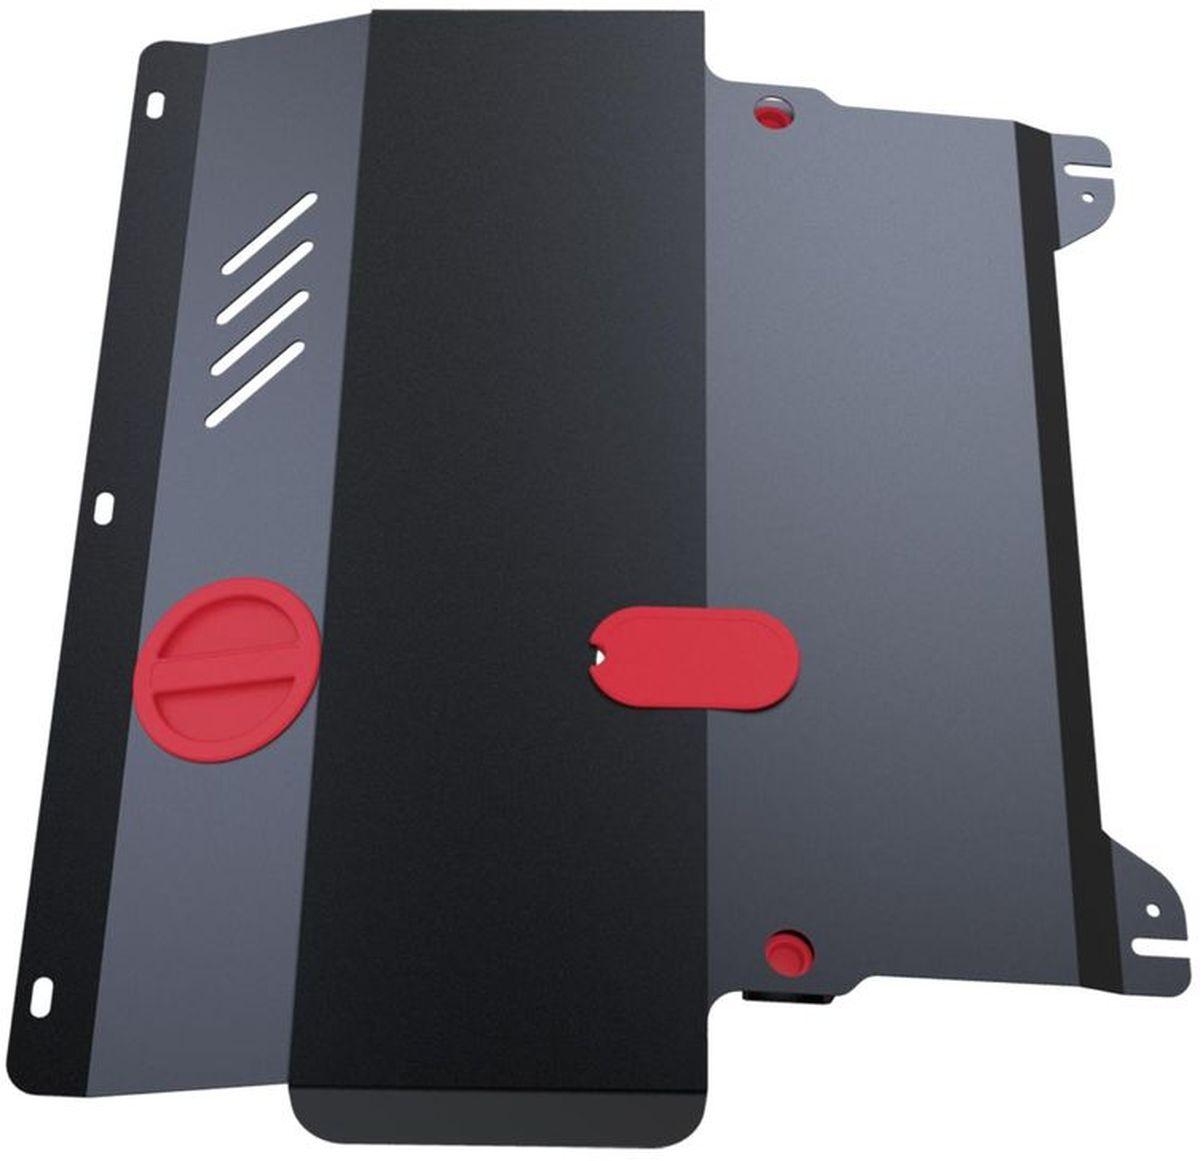 Защита картера и КПП Автоброня, для Toyota RAV4, V - 1,8; 2,0 (2000-2005)98298123_черныйТехнологически совершенный продукт за невысокую стоимость.Защита разработана с учетом особенностей днища автомобиля, что позволяет сохранить дорожный просвет с минимальным изменением.Защита устанавливается в штатные места кузова автомобиля. Глубокий штамп обеспечивает до двух раз больше жесткости в сравнении с обычной защитой той же толщины. Проштампованные ребра жесткости препятствуют деформации защиты при ударах.Тепловой зазор и вентиляционные отверстия обеспечивают сохранение температурного режима двигателя в норме. Скрытый крепеж предотвращает срыв крепежных элементов при наезде на препятствие.Шумопоглощающие резиновые элементы обеспечивают комфортную езду без вибраций и скрежета металла, а съемные лючки для слива масла и замены фильтра - экономию средств и время.Конструкция изделия не влияет на пассивную безопасность автомобиля (при ударе защита не воздействует на деформационные зоны кузова). Со штатным крепежом. В комплекте инструкция по установке.Толщина стали: 2 мм.Уважаемые клиенты!Обращаем ваше внимание, что элемент защиты имеет форму, соответствующую модели данного автомобиля. Фото служит для визуального восприятия товара и может отличаться от фактического.